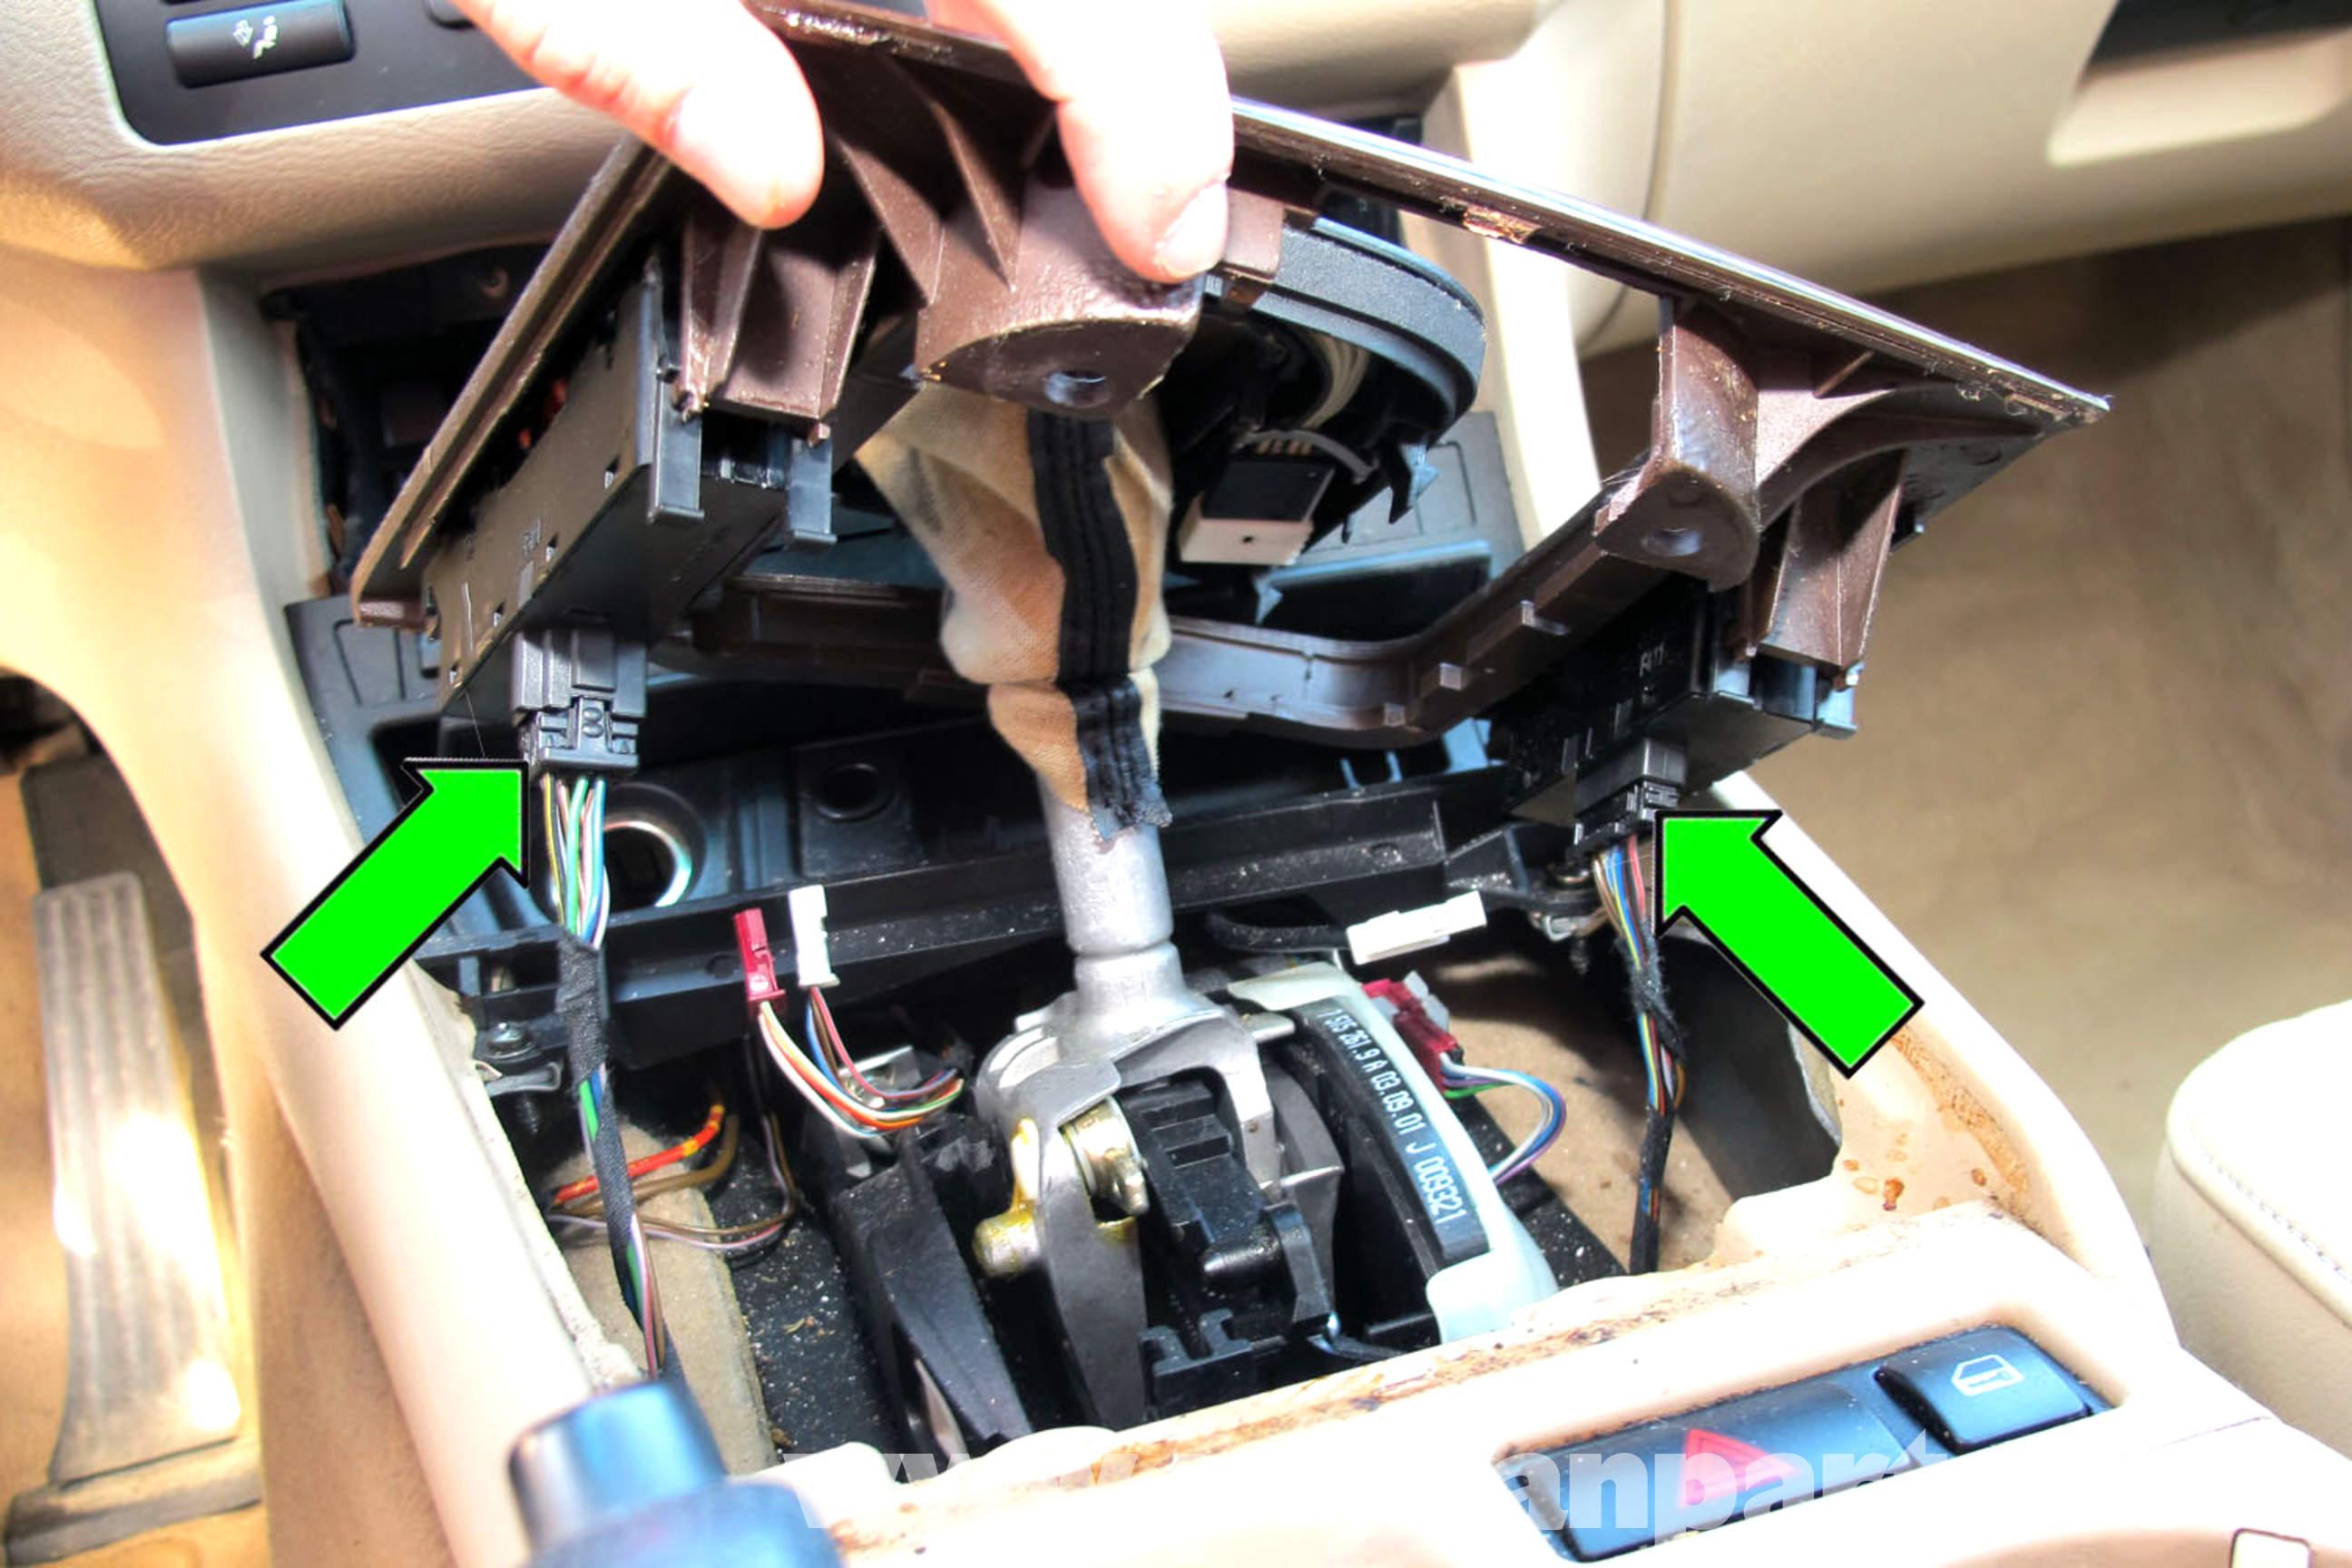 Bmw e46 removing the ihka control panel bmw 325i 2001 2005 bmw large image extra large image swarovskicordoba Choice Image